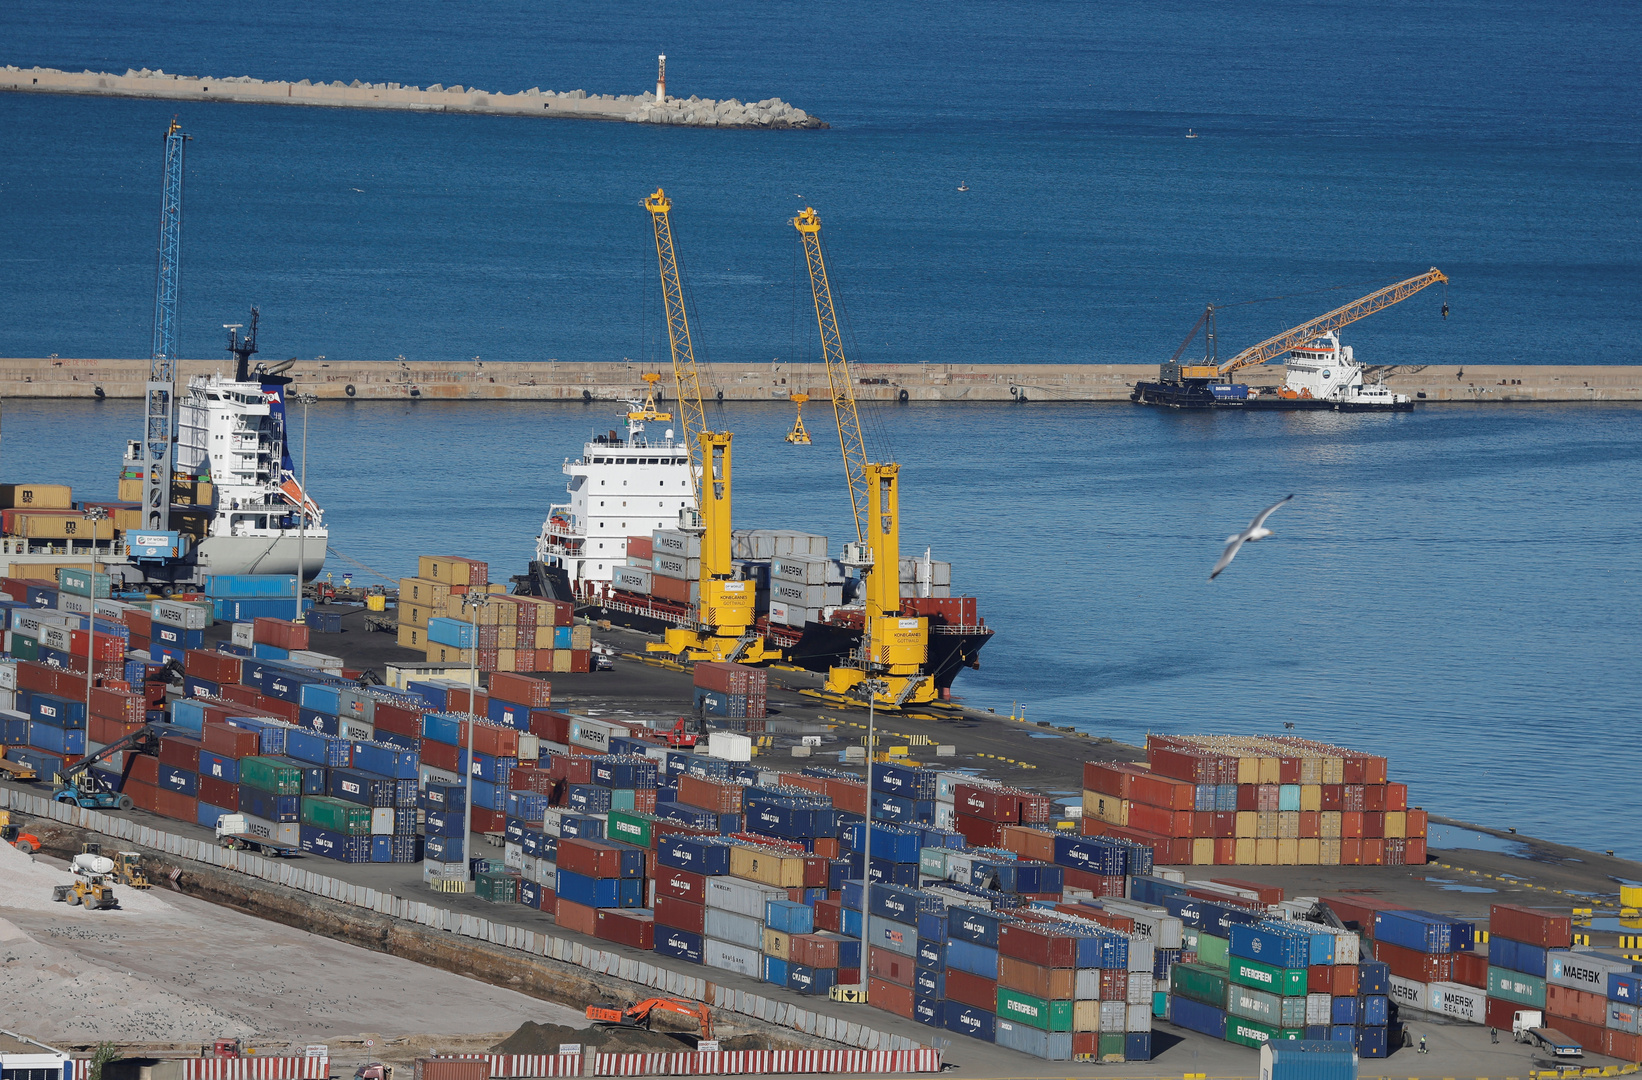 صحيفة: السلطات الجزائرية توضح حقيقة استيراد شحنة الحبوب